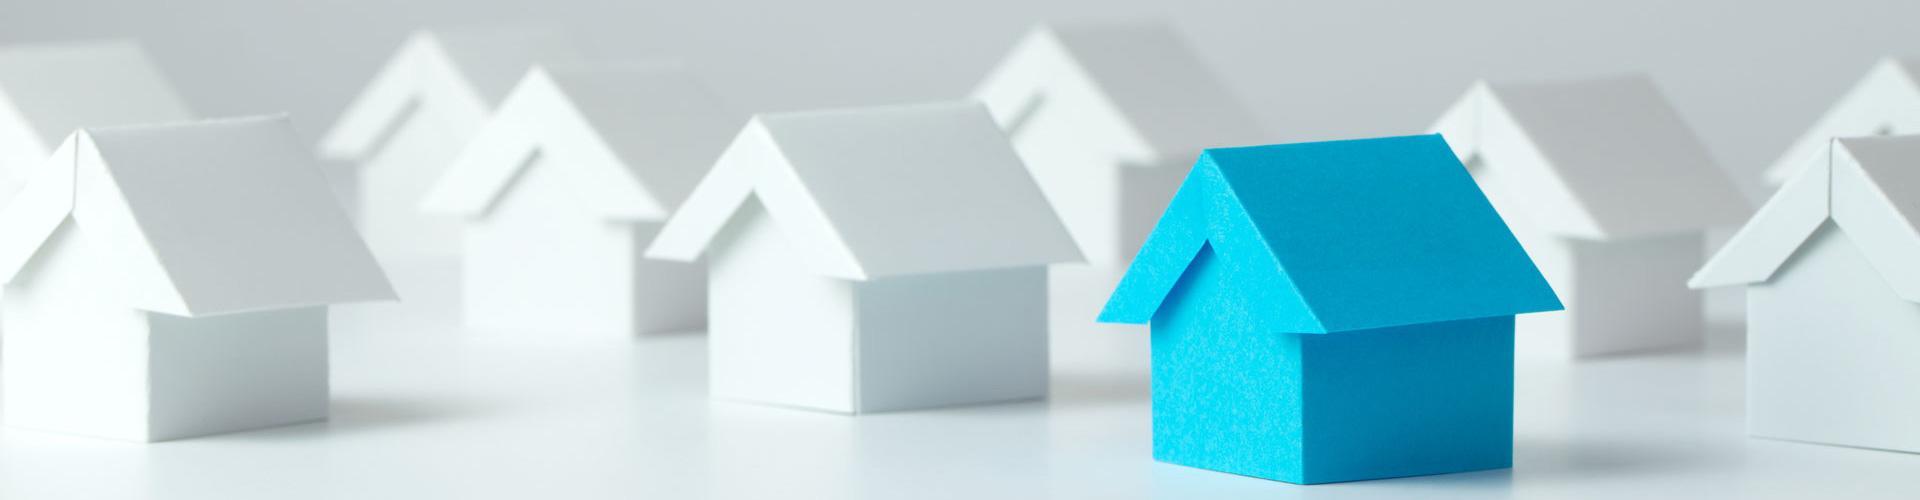 Appartement a vendre à MONTREUIL SOUS PEROUSE, LANDAVRAN, VAL D'IZE, CHAMPEAUX, MARPIRE, DOURDAIN ou LA BOUEXIERE (35)